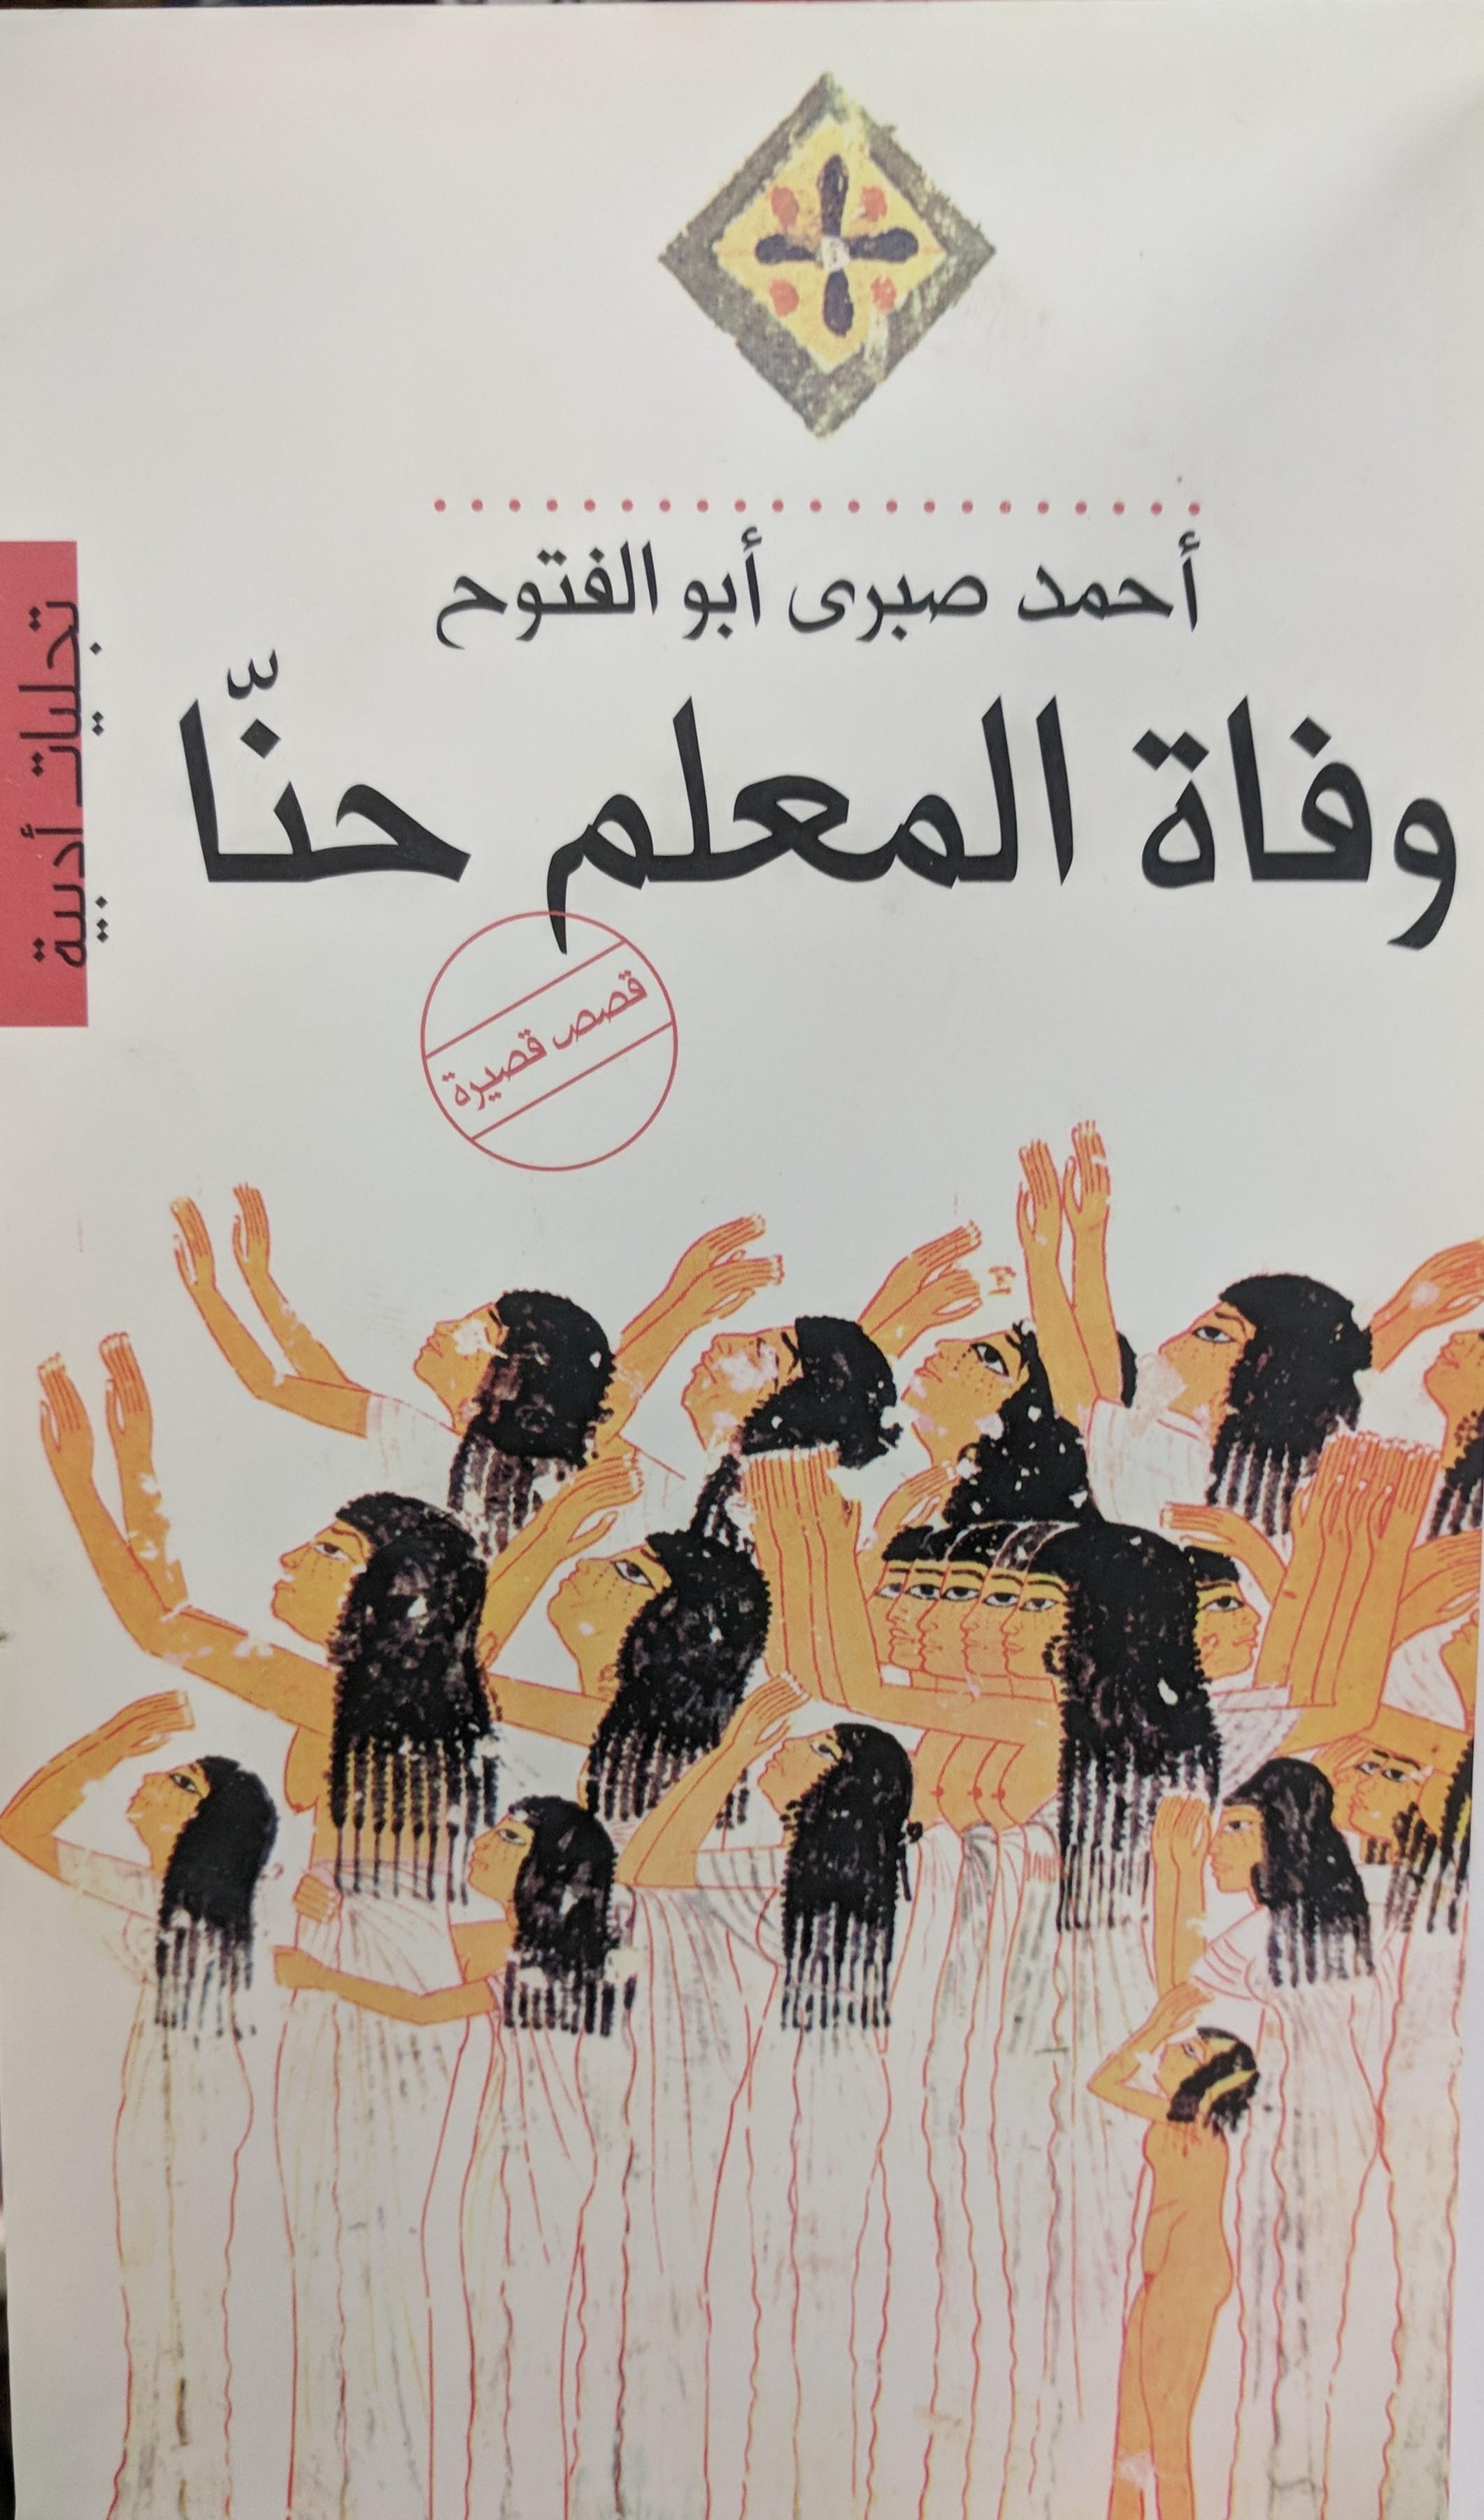 Aḥmad Ṣabrī Abū al-Futūḥ (al-Qāhirah: Mīrīt li-l-Nashr wa-l-Maʻlūmāt, 2002)